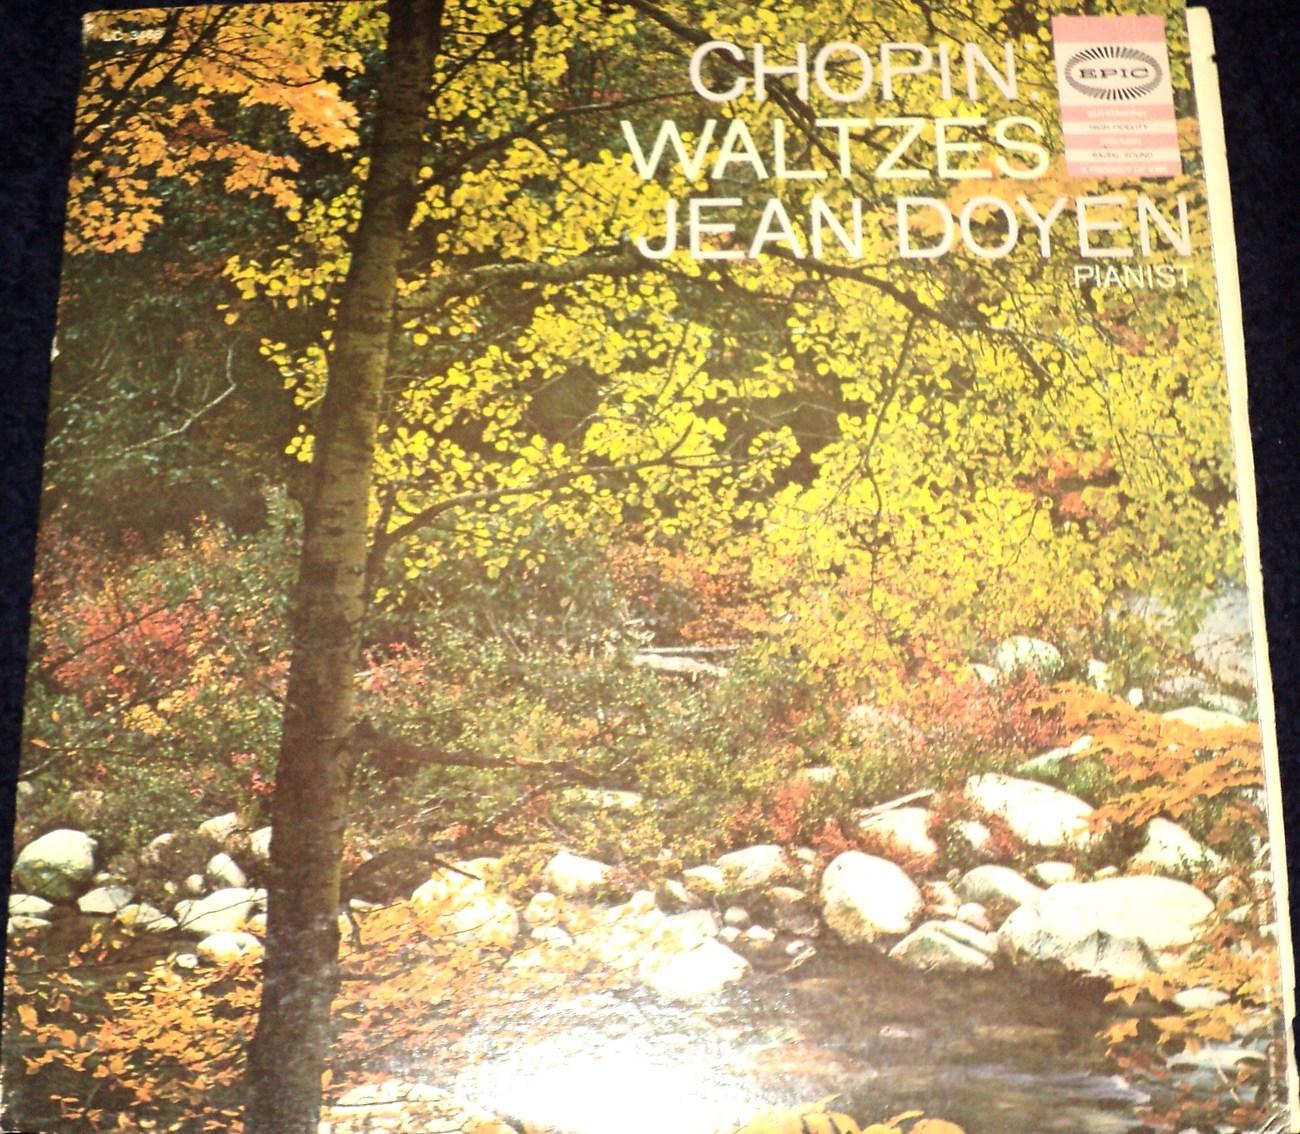 JEAN DOYEN / CHOPIN WALTZES LP